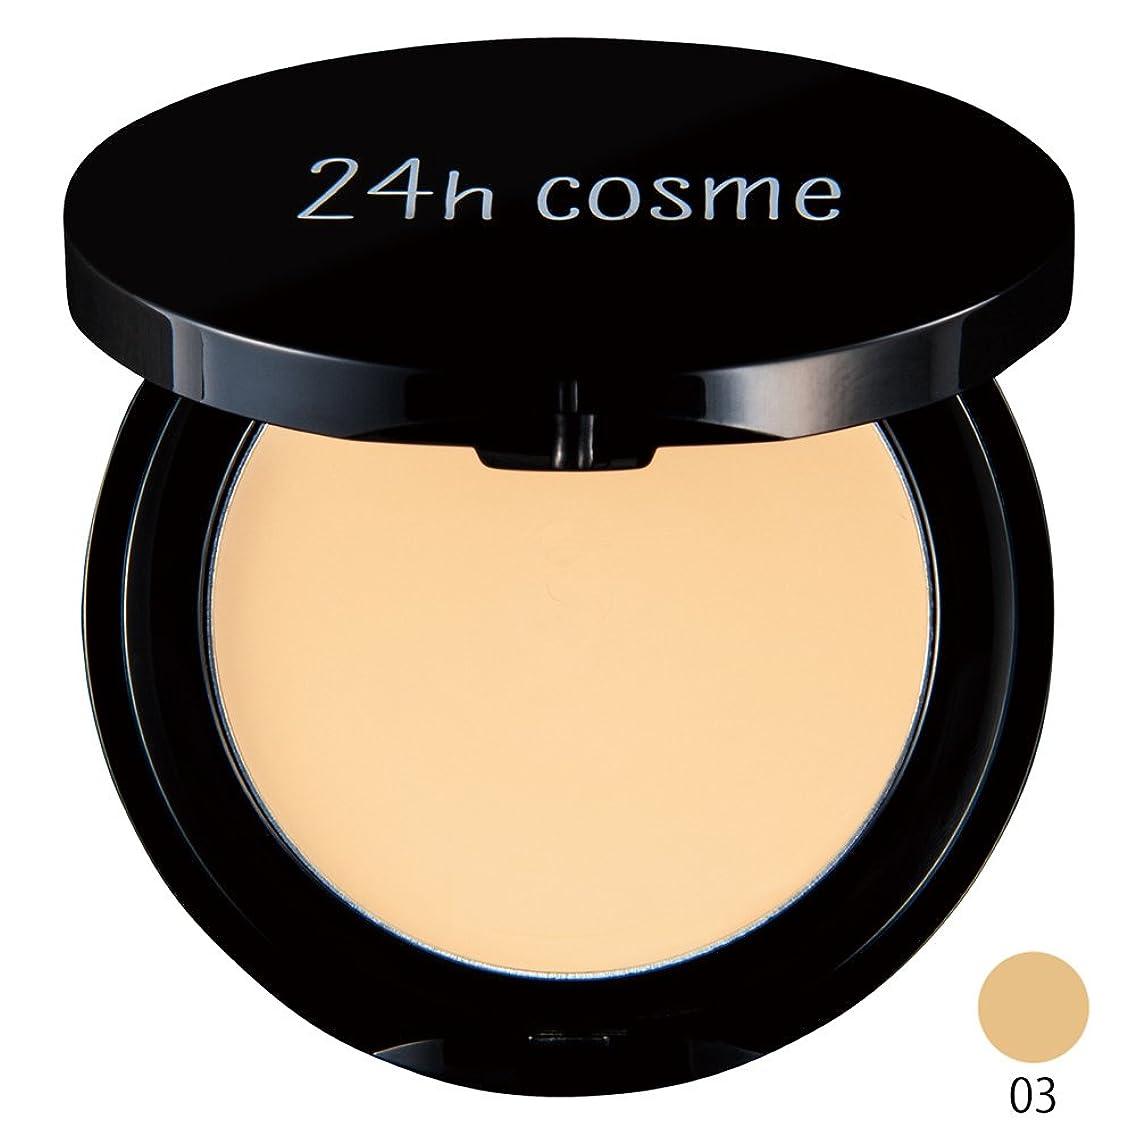 ウサギなるおとこ24h cosme 24 ミネラルクリームファンデ 03ナチュラル SPF50+/PA++++